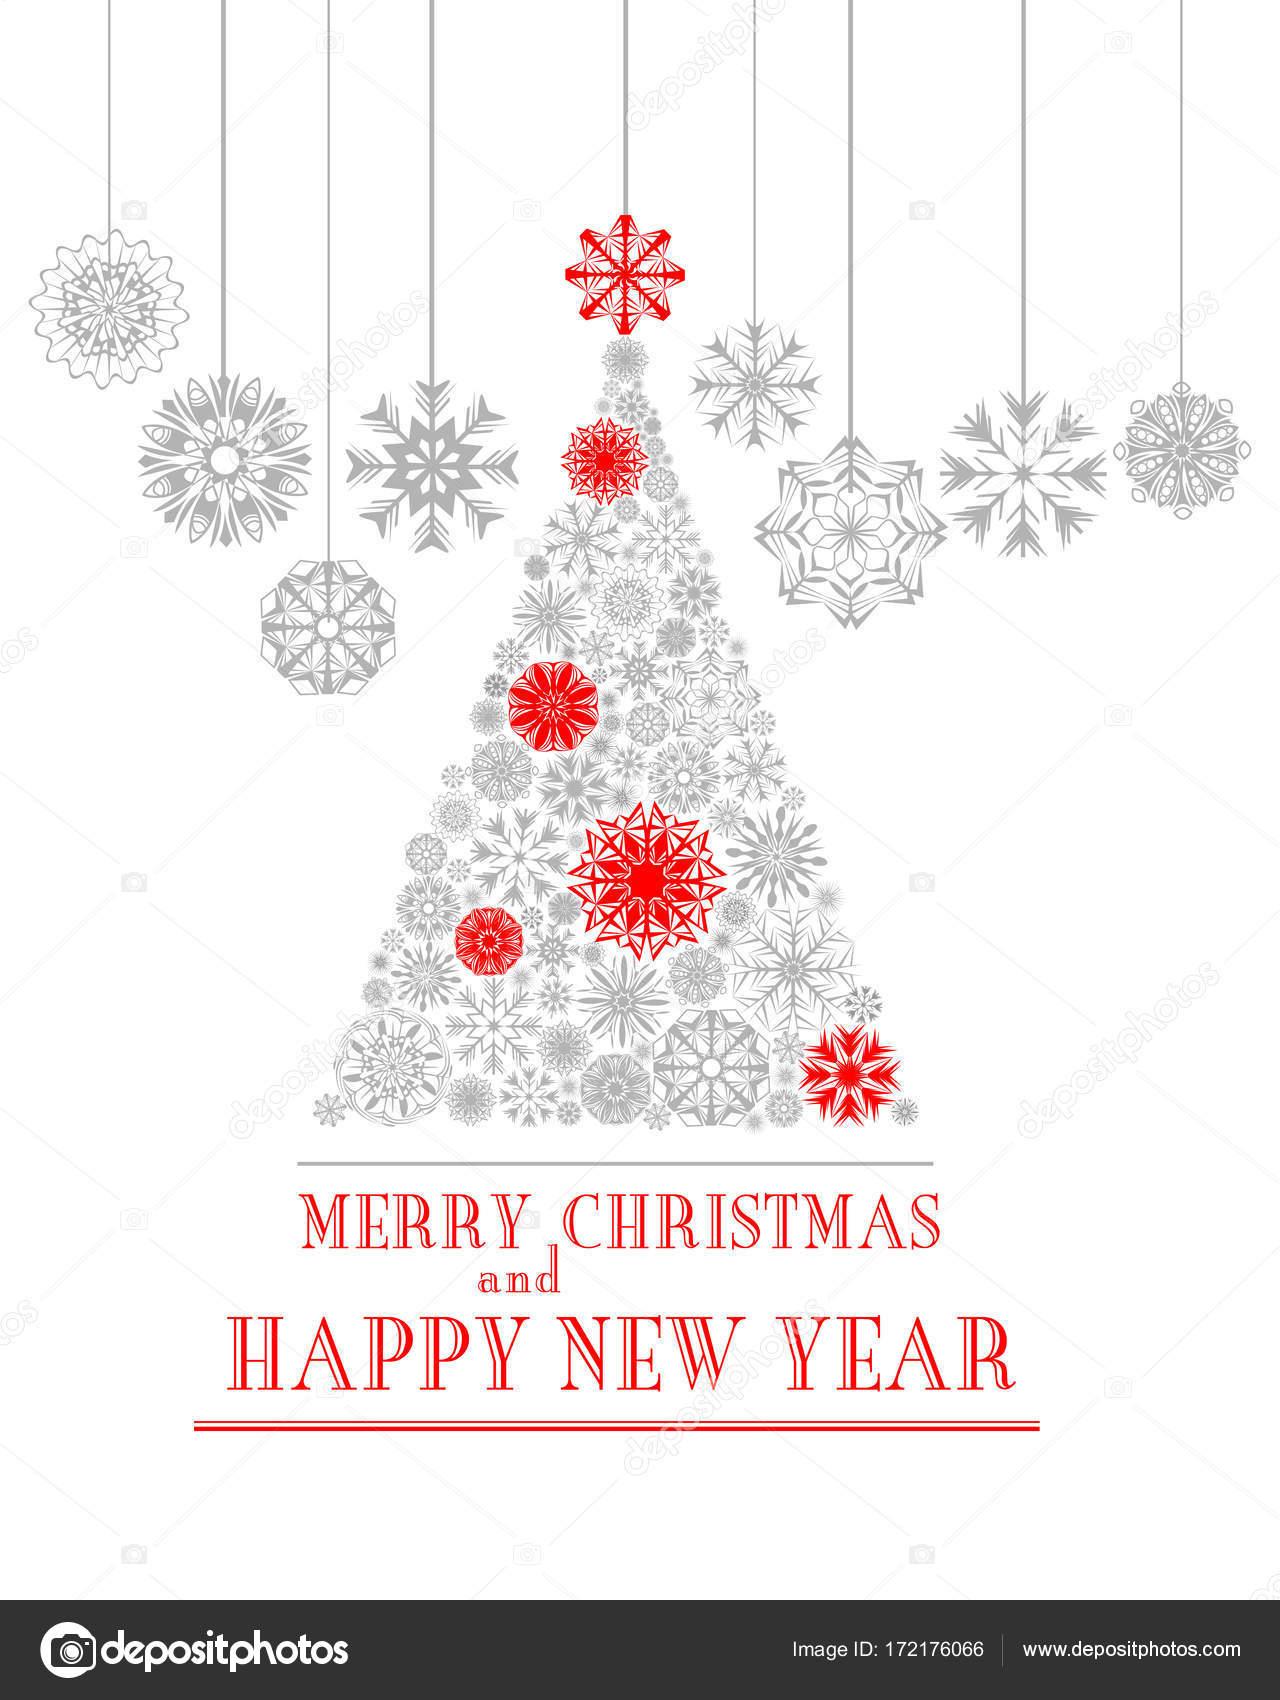 Auguri Di Buon Natale E Buon Anno.Foto Di Auguri Di Buon Natale E Felice Anno Nuovo Immagini